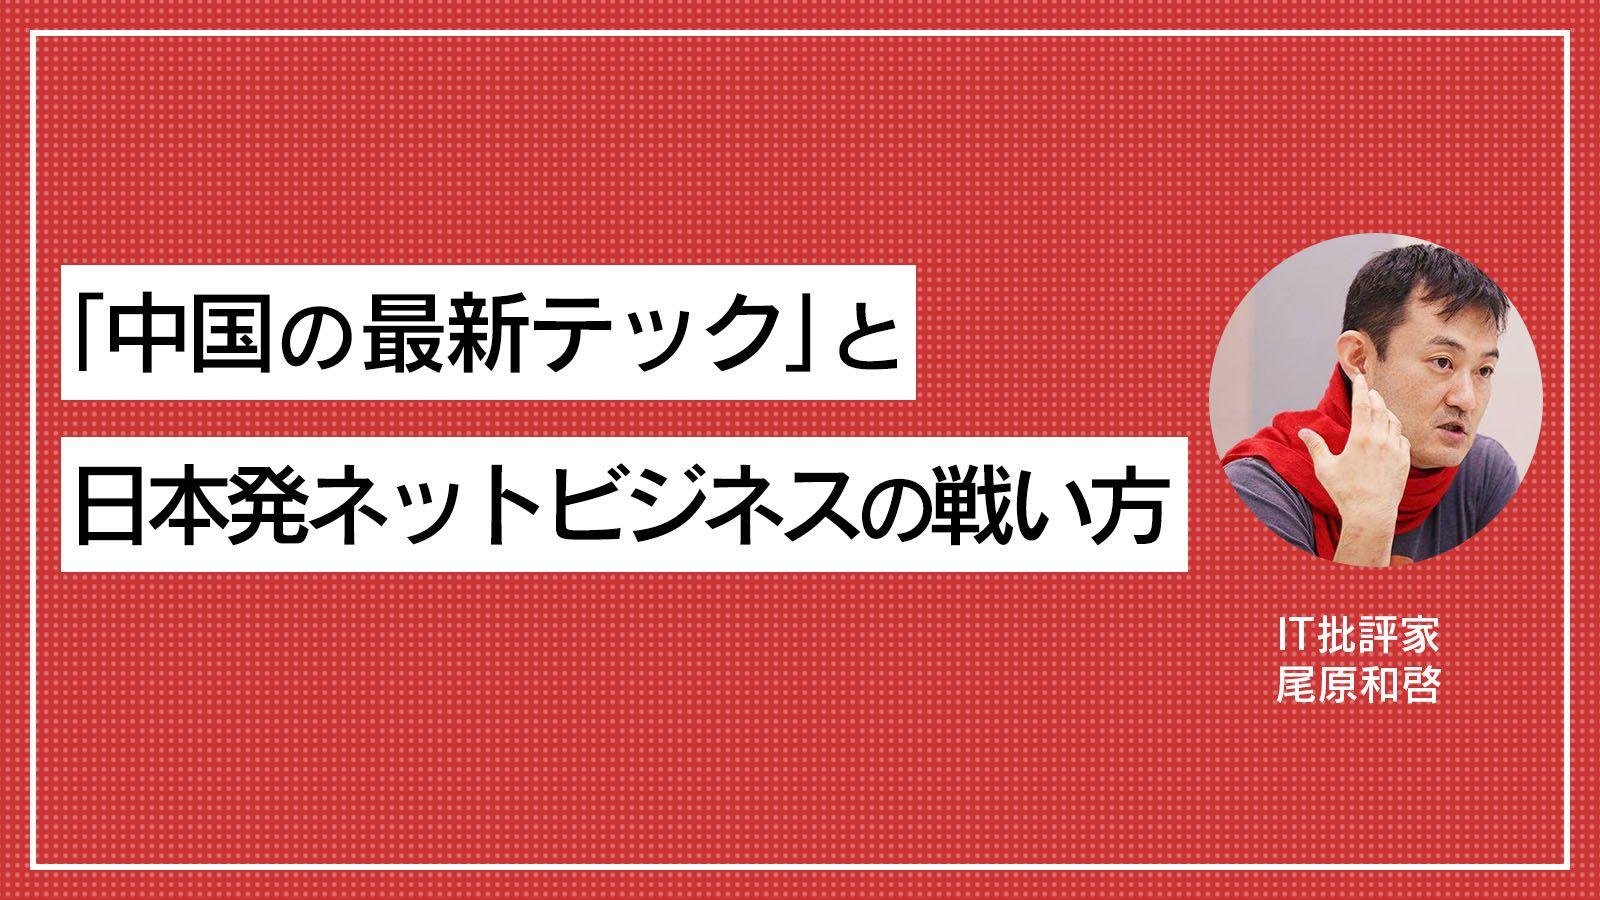 「中国の最新テック」と、日本発ネットビジネスの戦い方|尾原和啓[2]